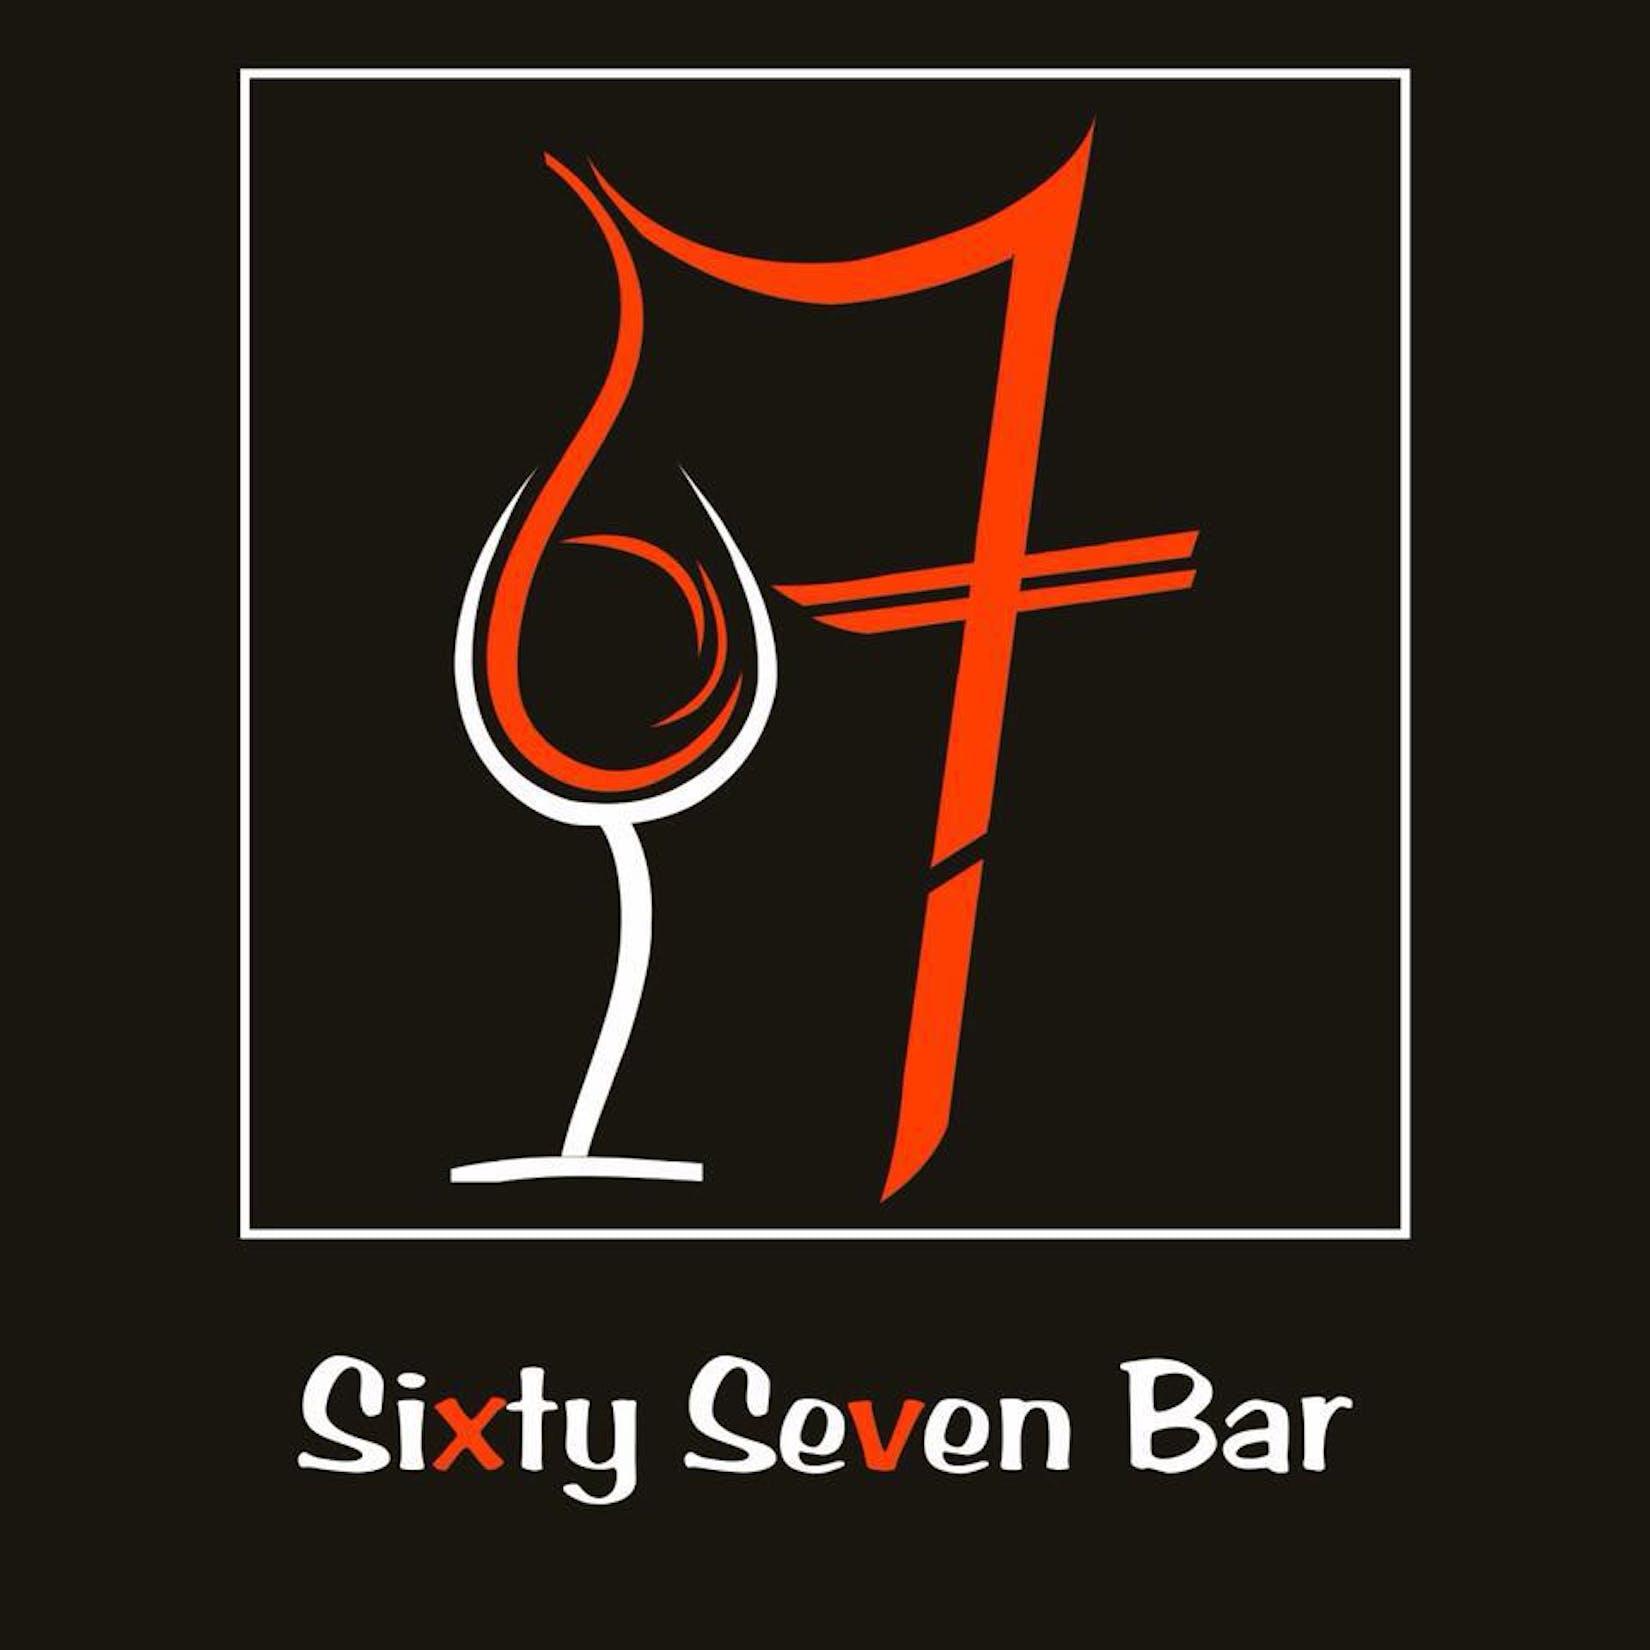 67 Bar (Sixty Seven Bar) | yathar